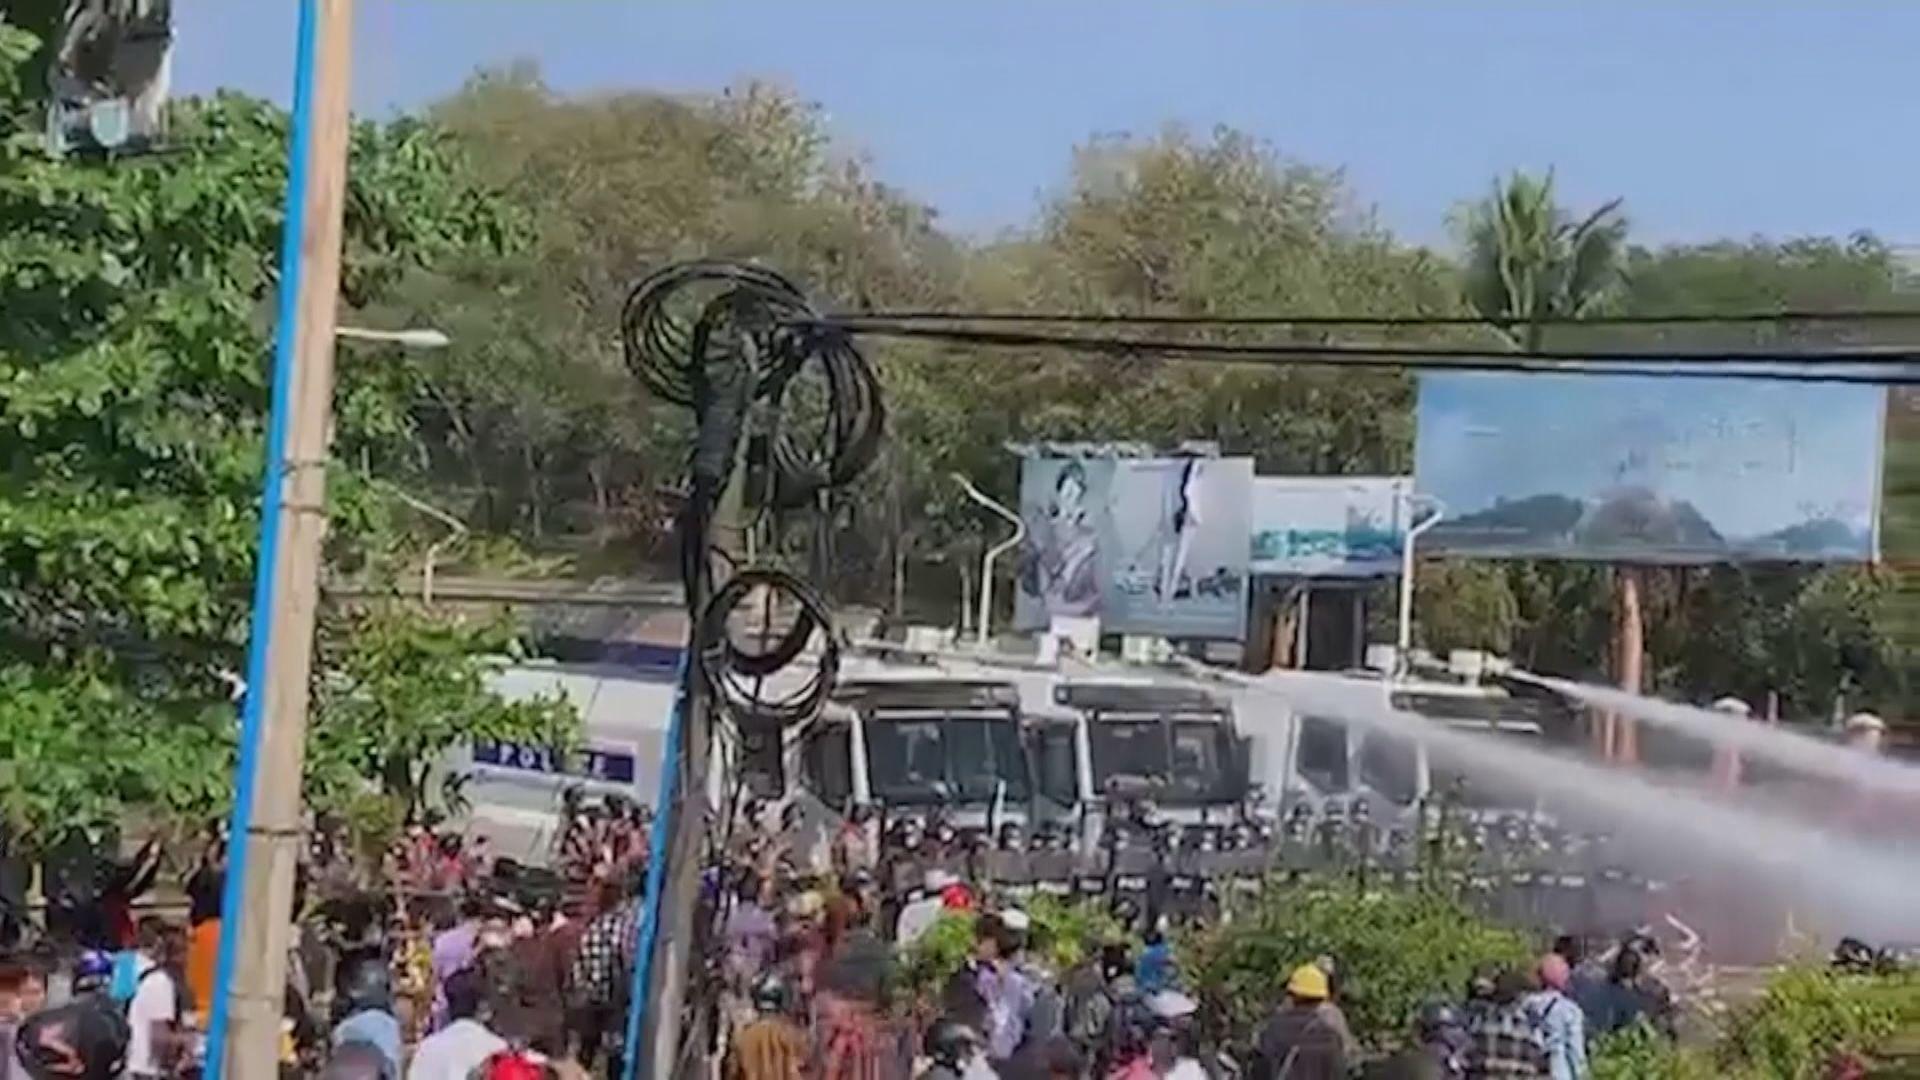 緬甸警察武力驅散示威者 有人中彈受傷